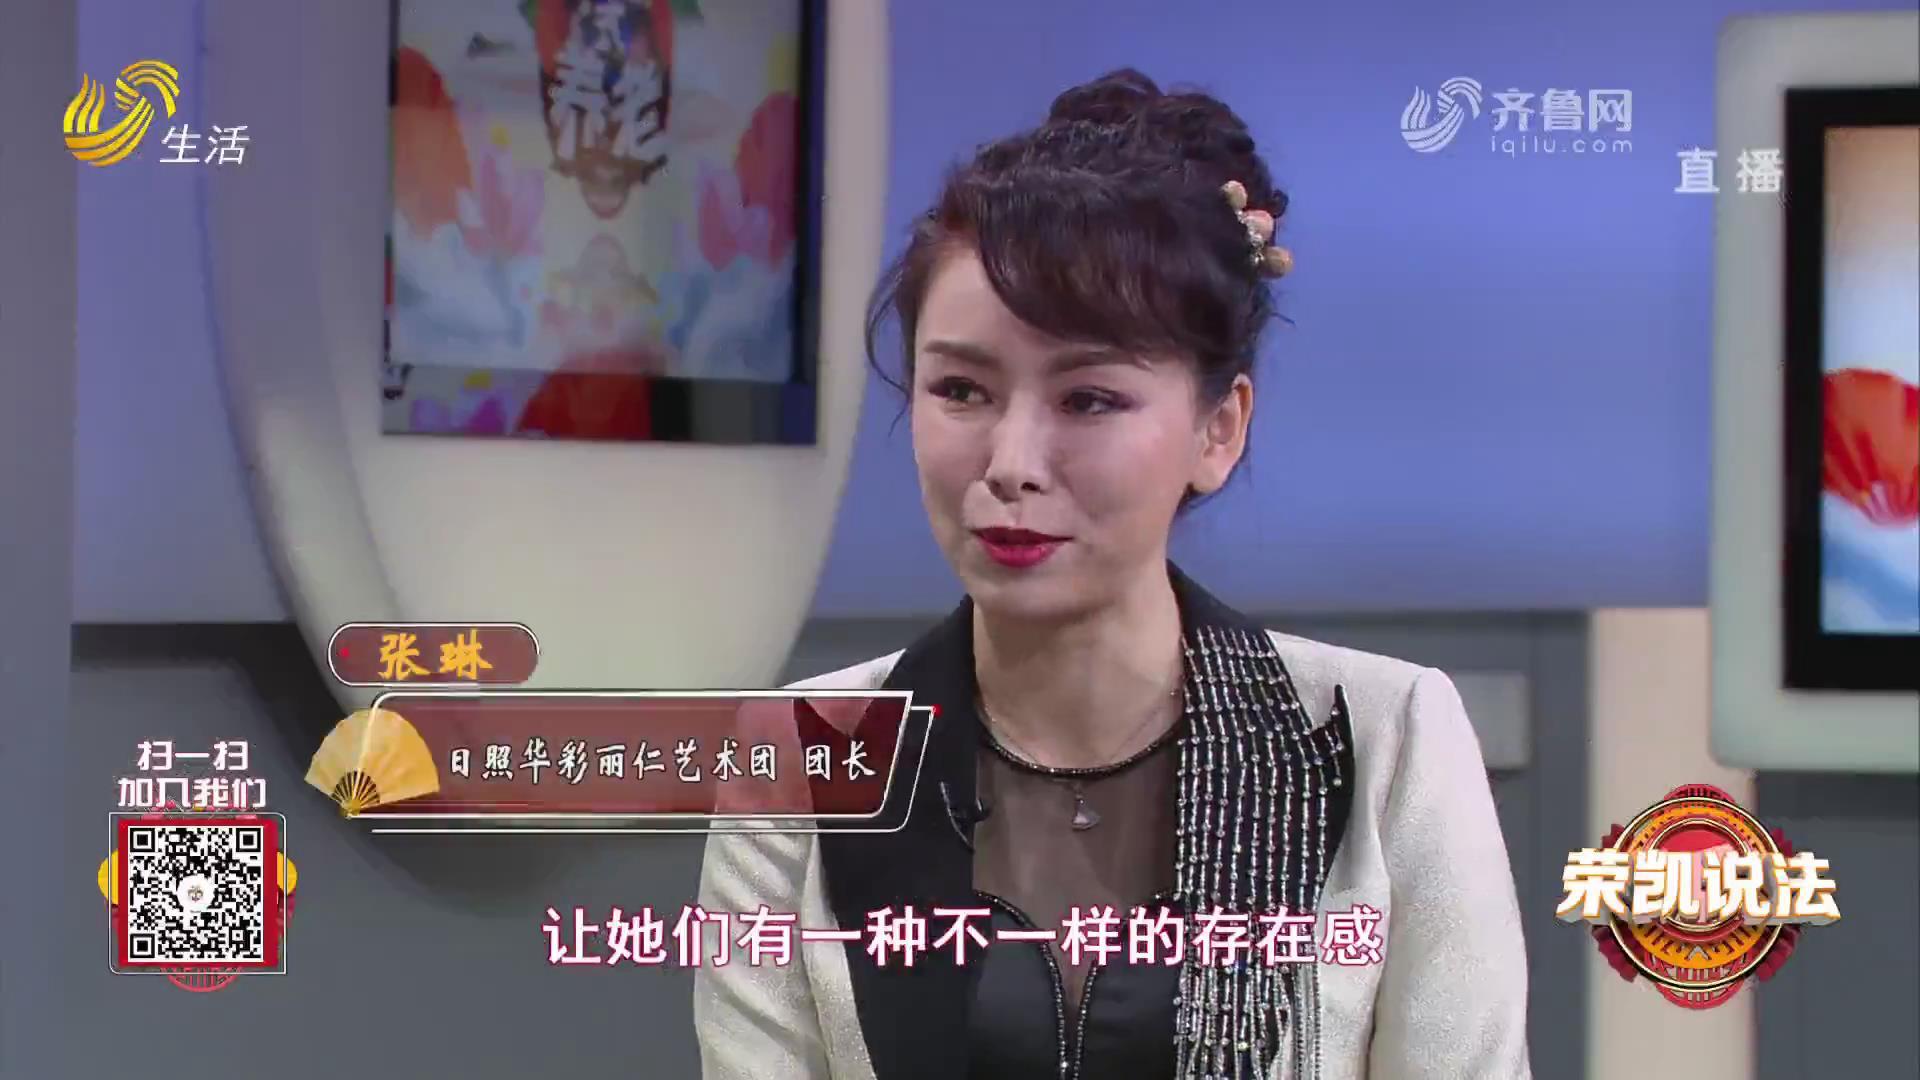 中国式养老-华彩丽仁艺术团:将气质美学融入生活